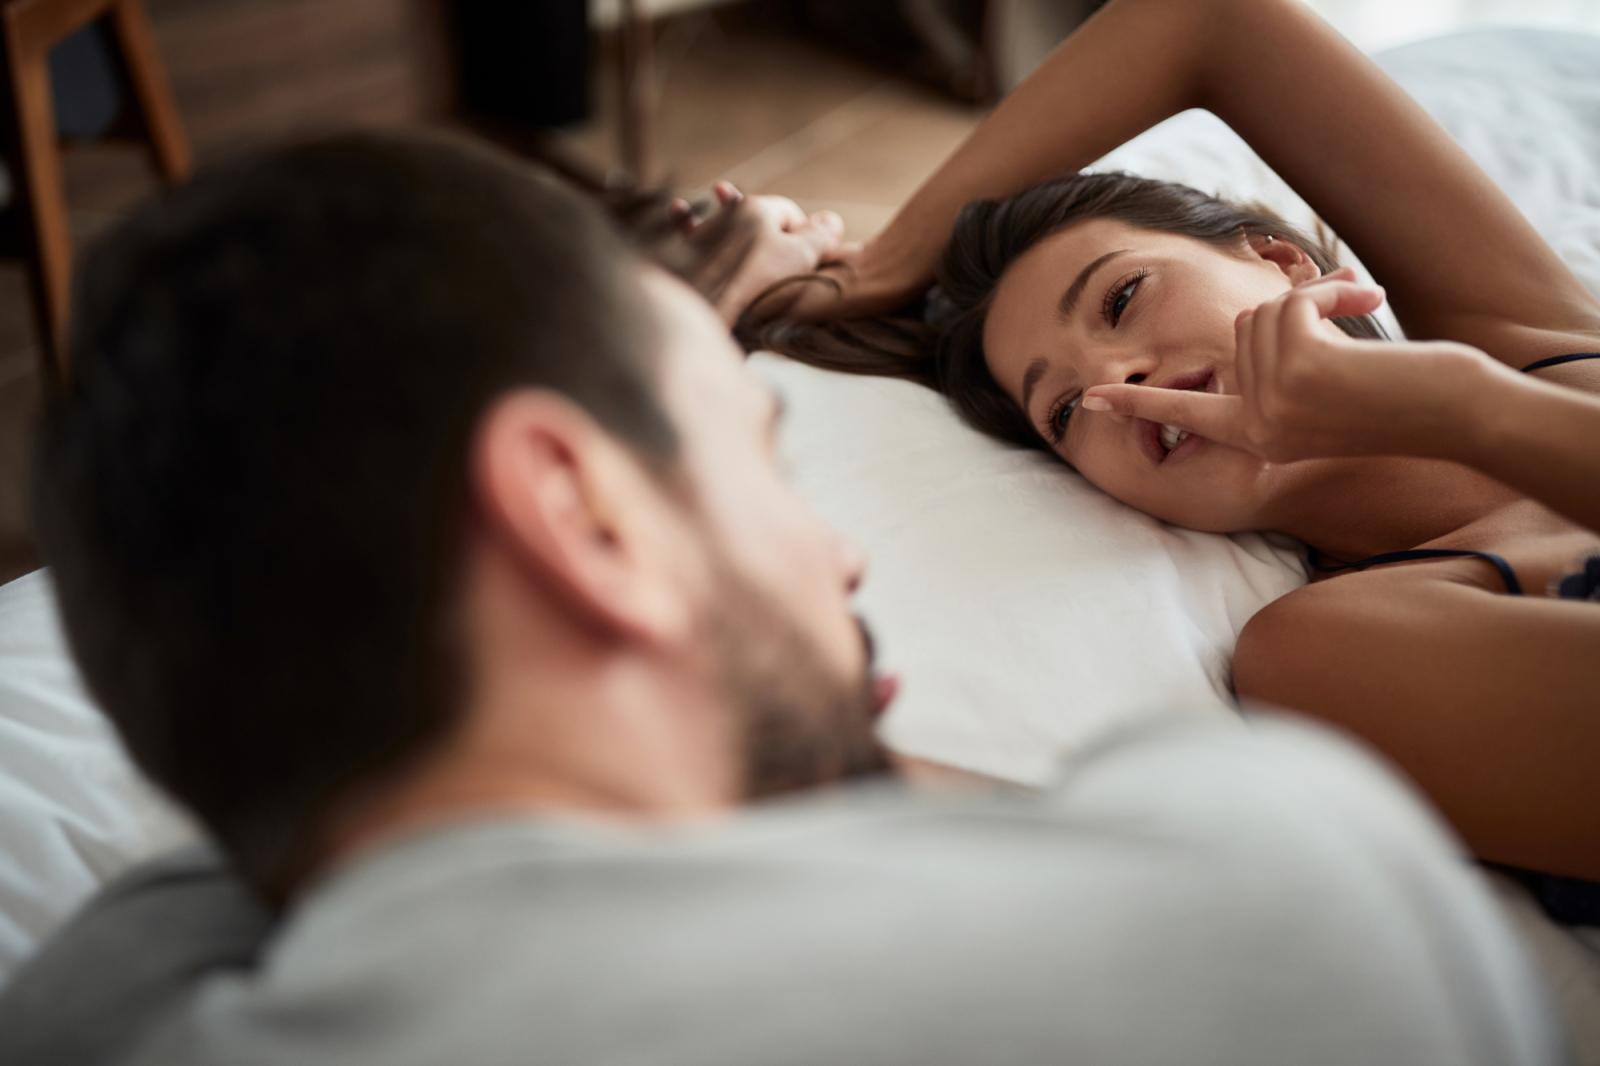 Ilyen hatással van a túl sok orgazmus az egészségedre